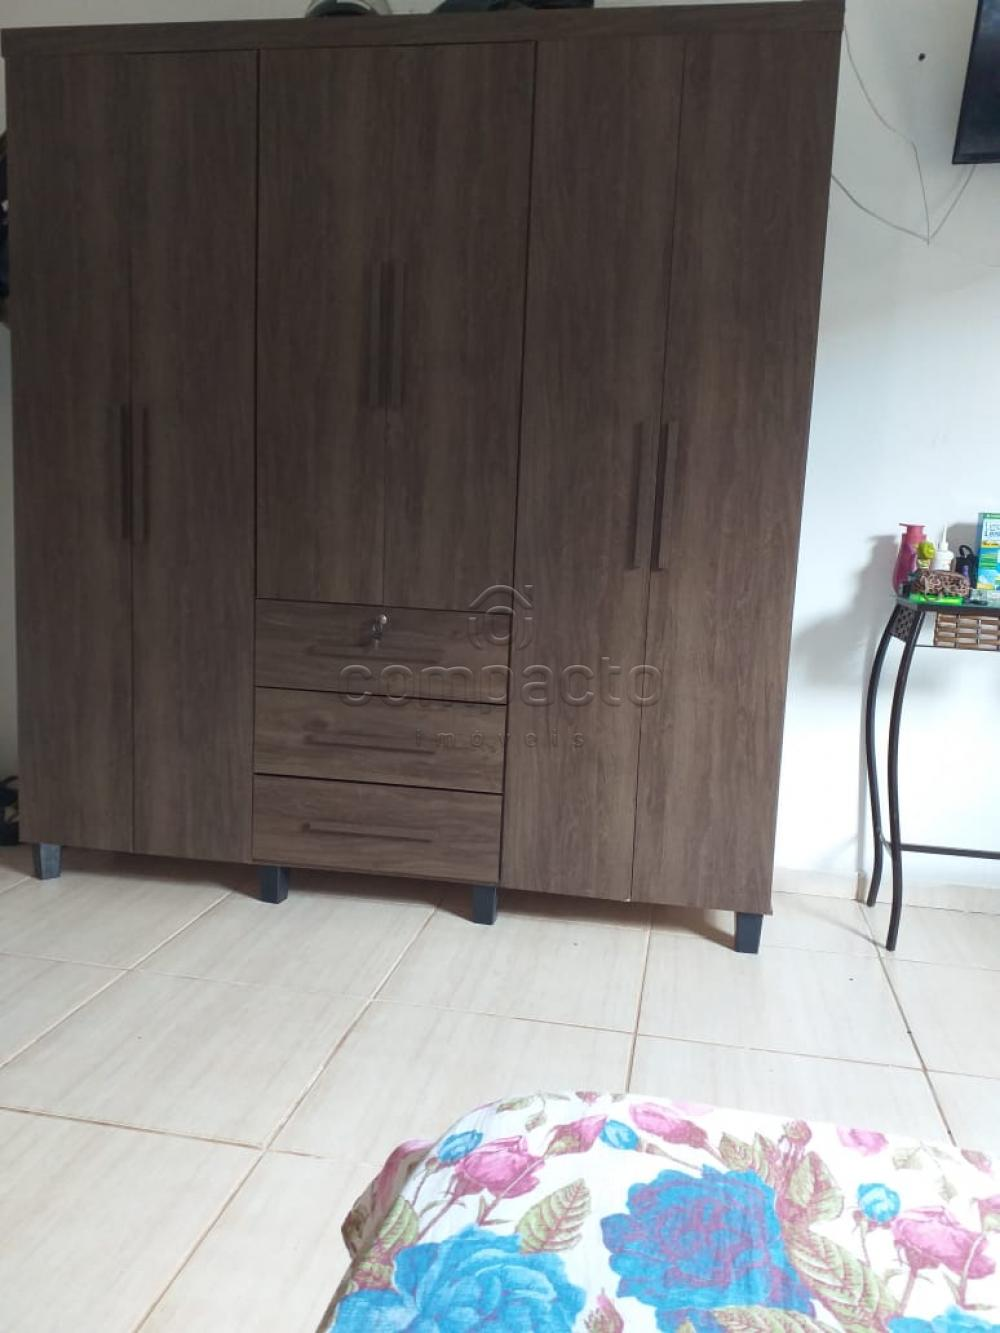 Comprar Casa / Padrão em São José do Rio Preto apenas R$ 185.000,00 - Foto 8